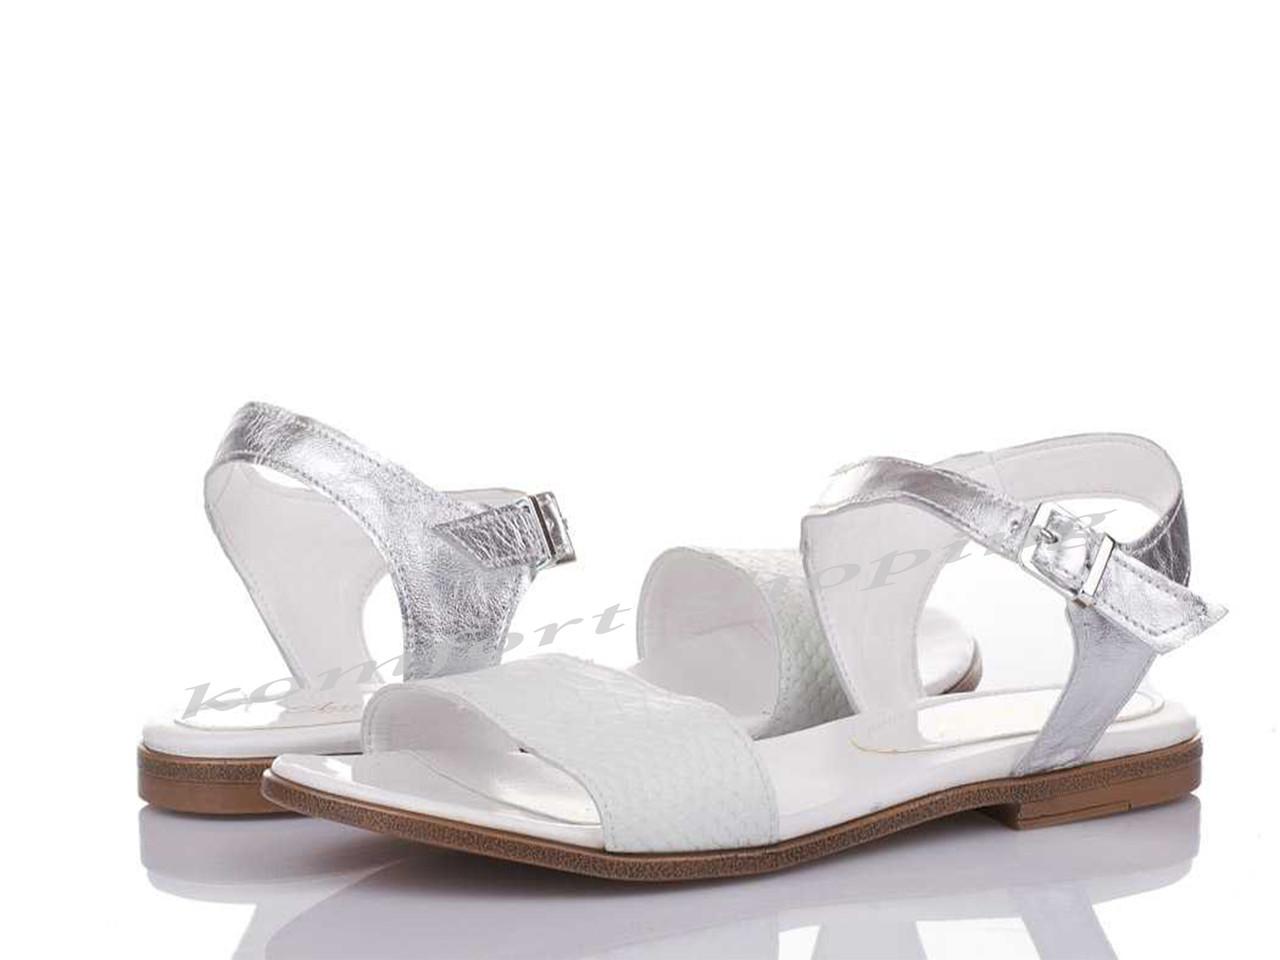 Женские босоножки кожаные, белые+серебро V 1107